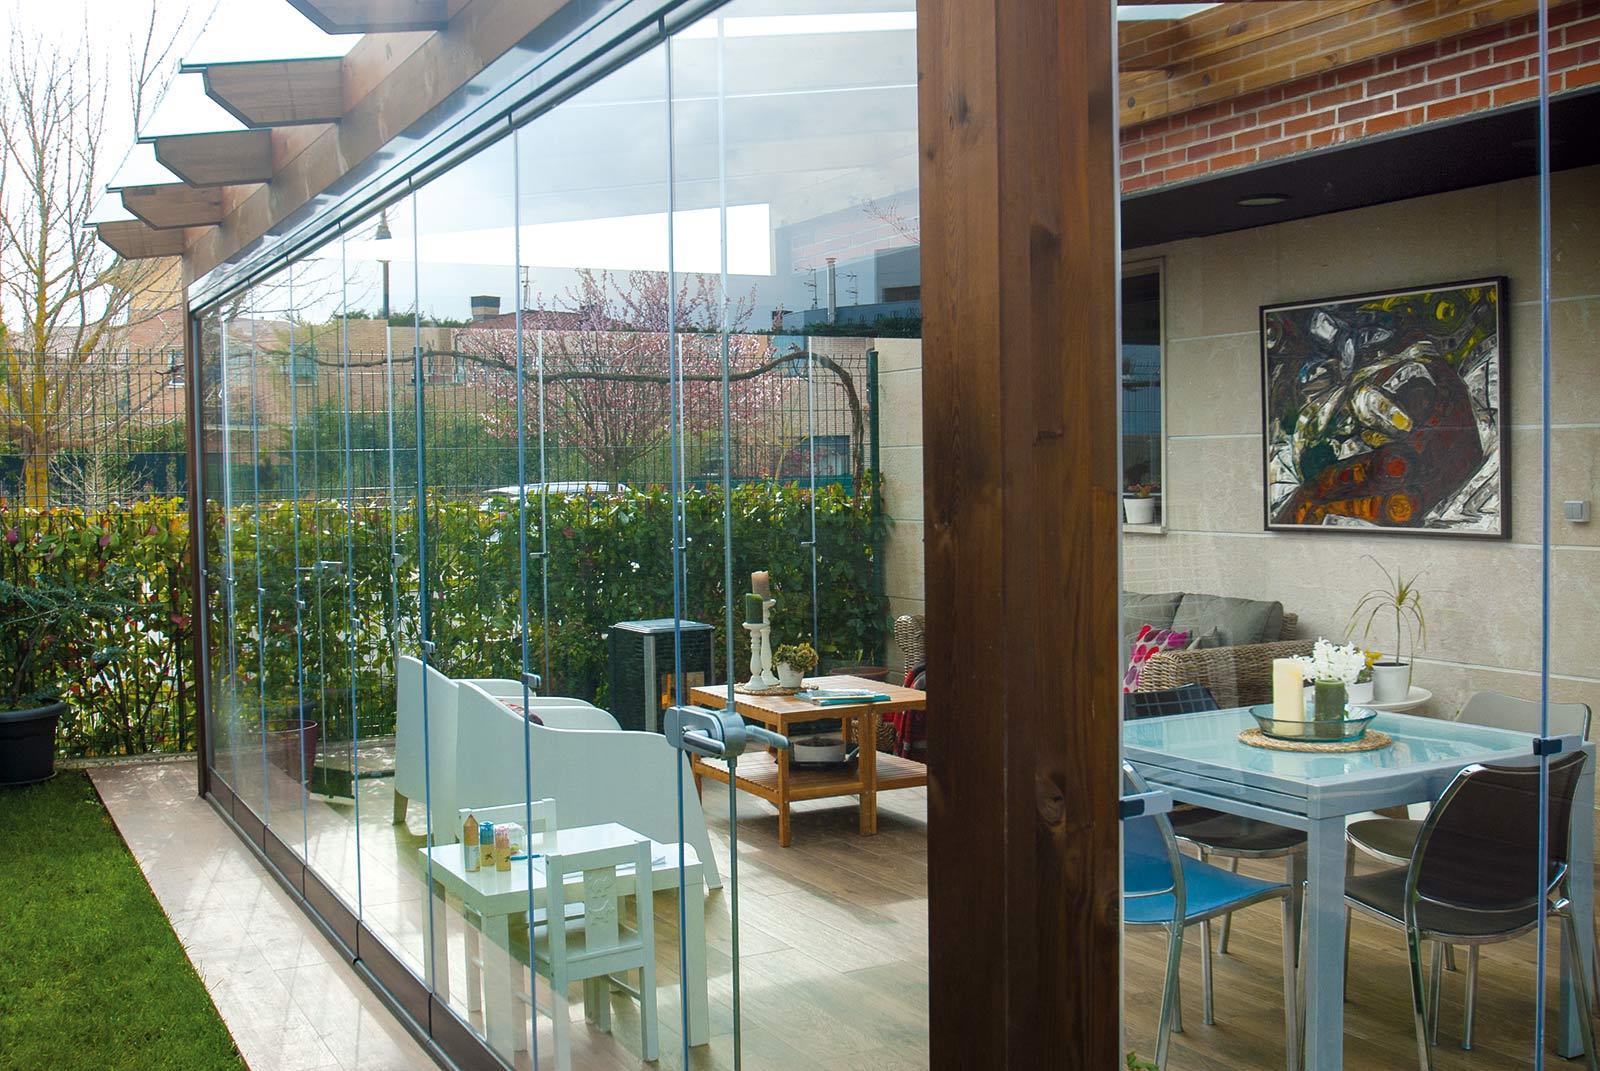 porche-jardin-madera-cristal-lumon-cerrado-abierto-14